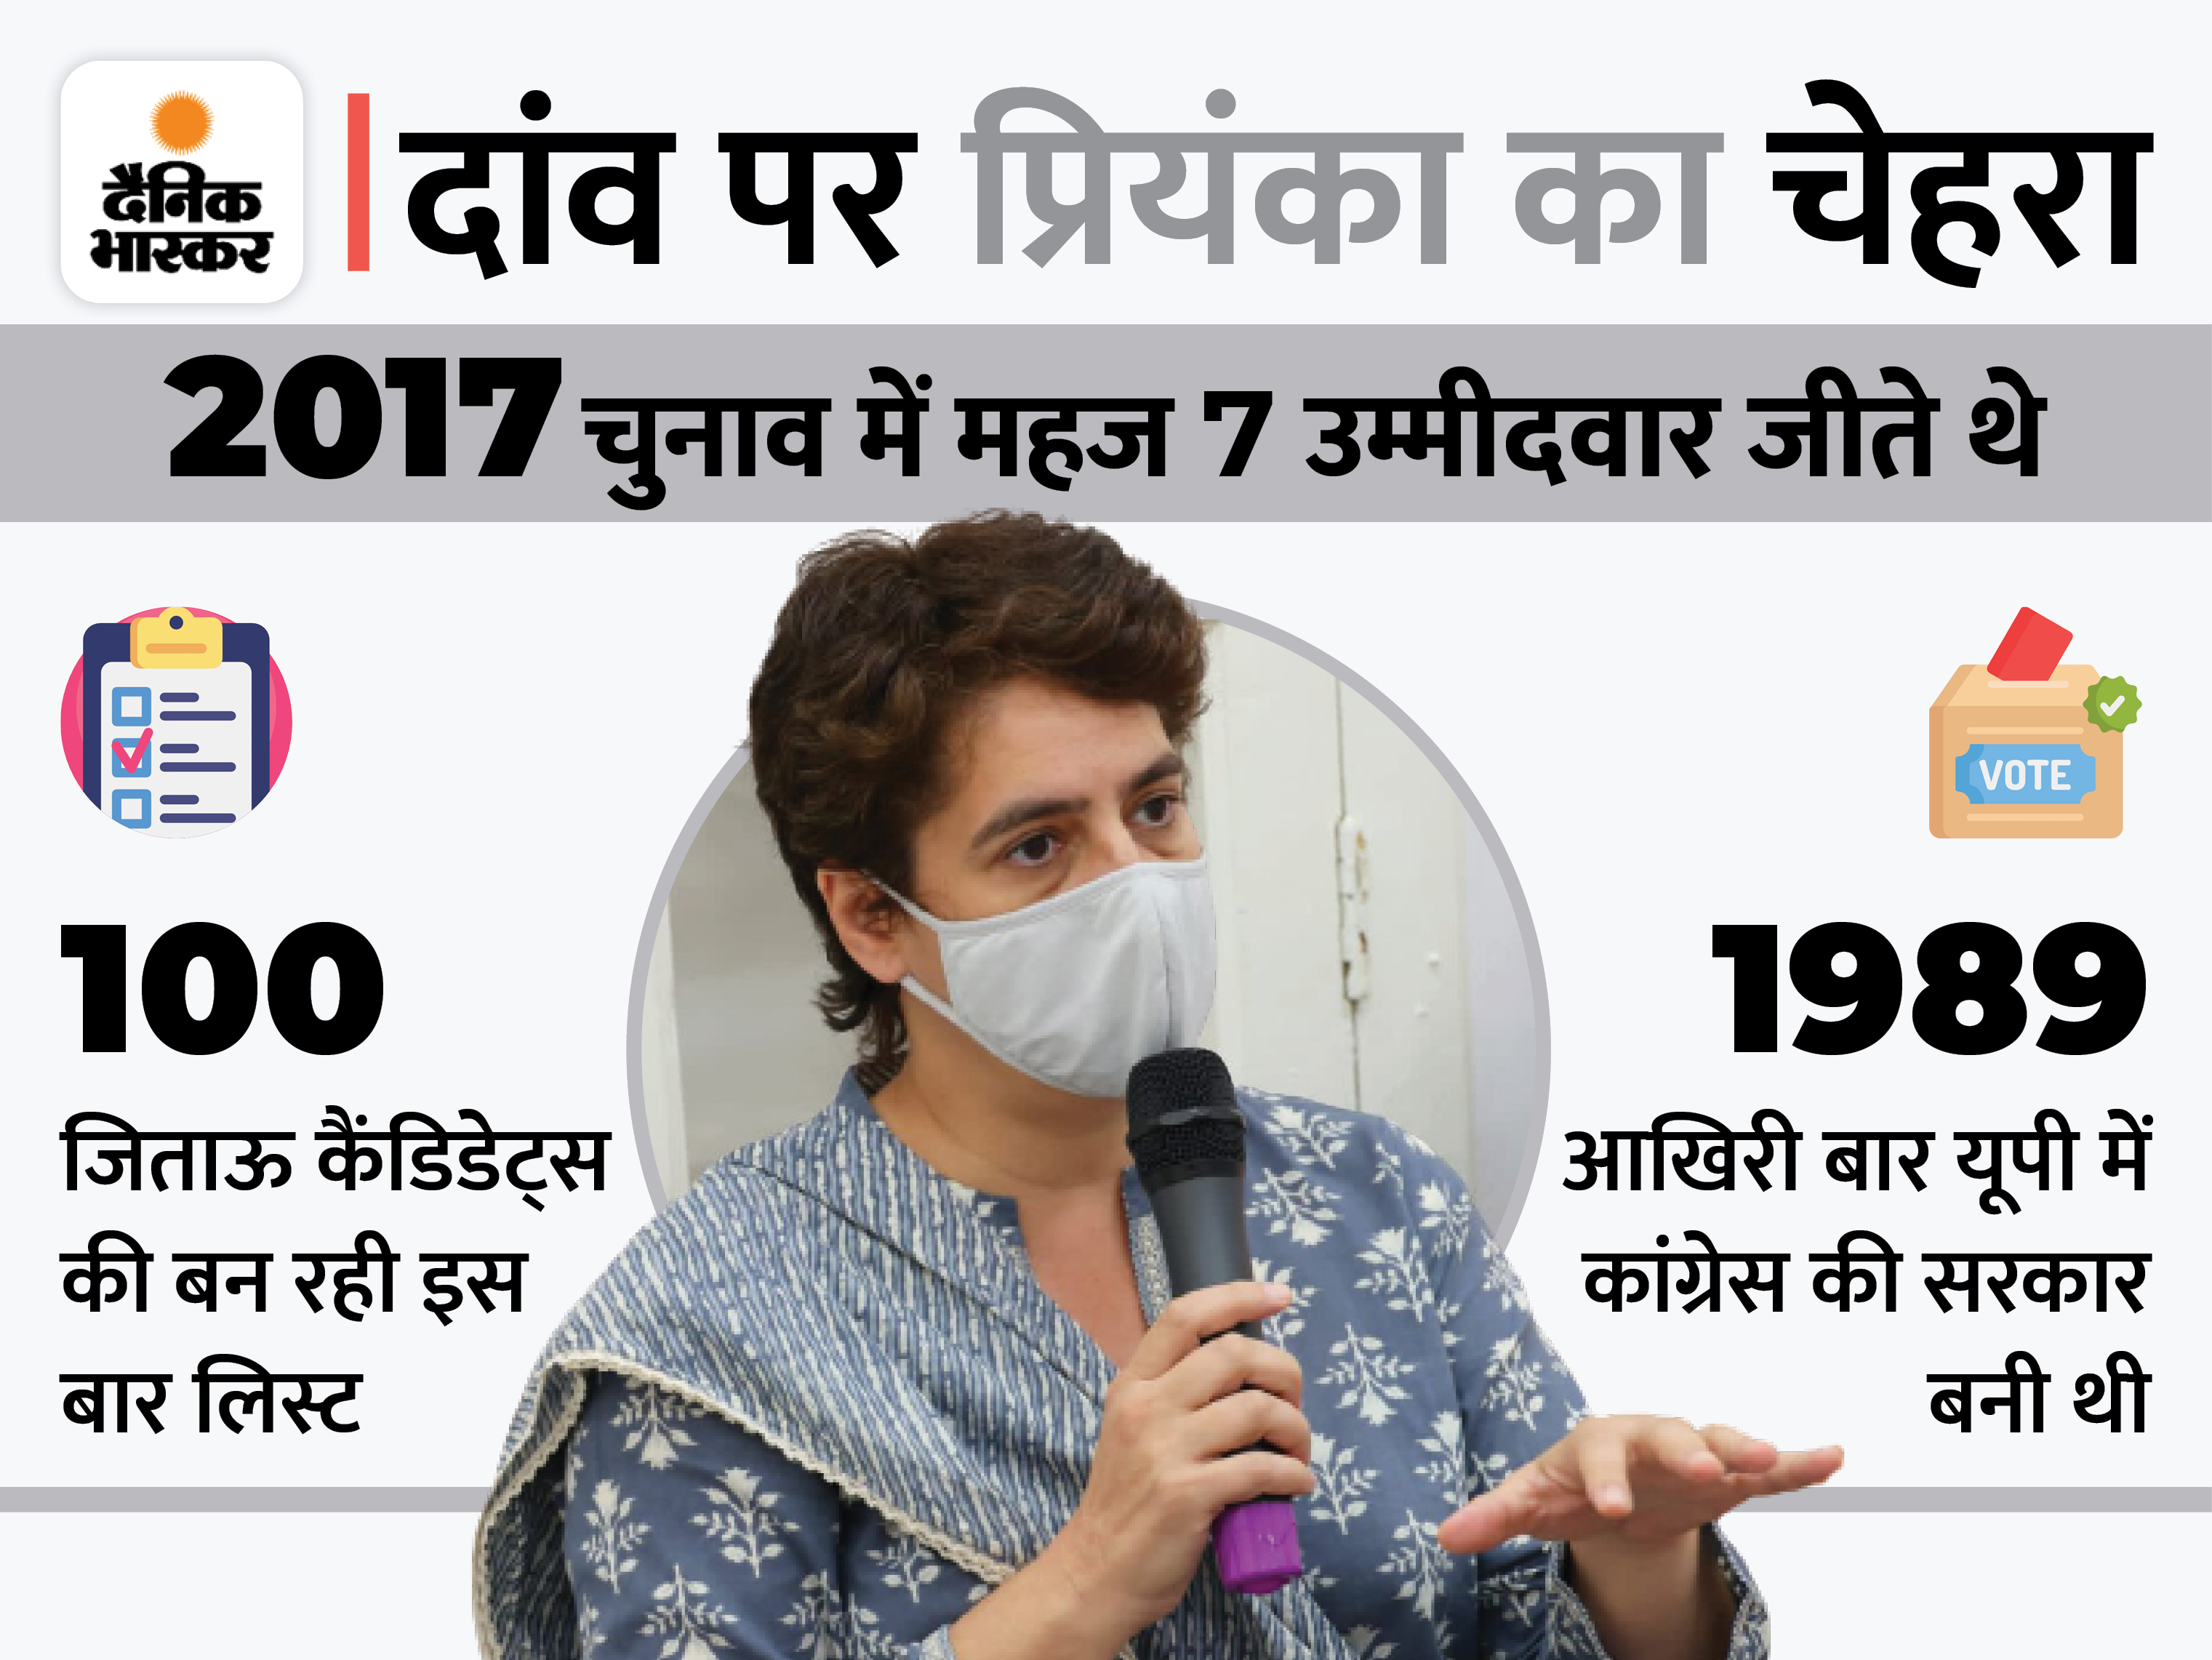 जातीय समीकरण और असंतुष्ट लोगों को साधने के लिए महाराष्ट्र की तर्ज पर चार कार्यकारी अध्यक्ष बनेंगे, चुनाव में 100 सीटें जीतने का टारगेट|लखनऊ,Lucknow - Dainik Bhaskar